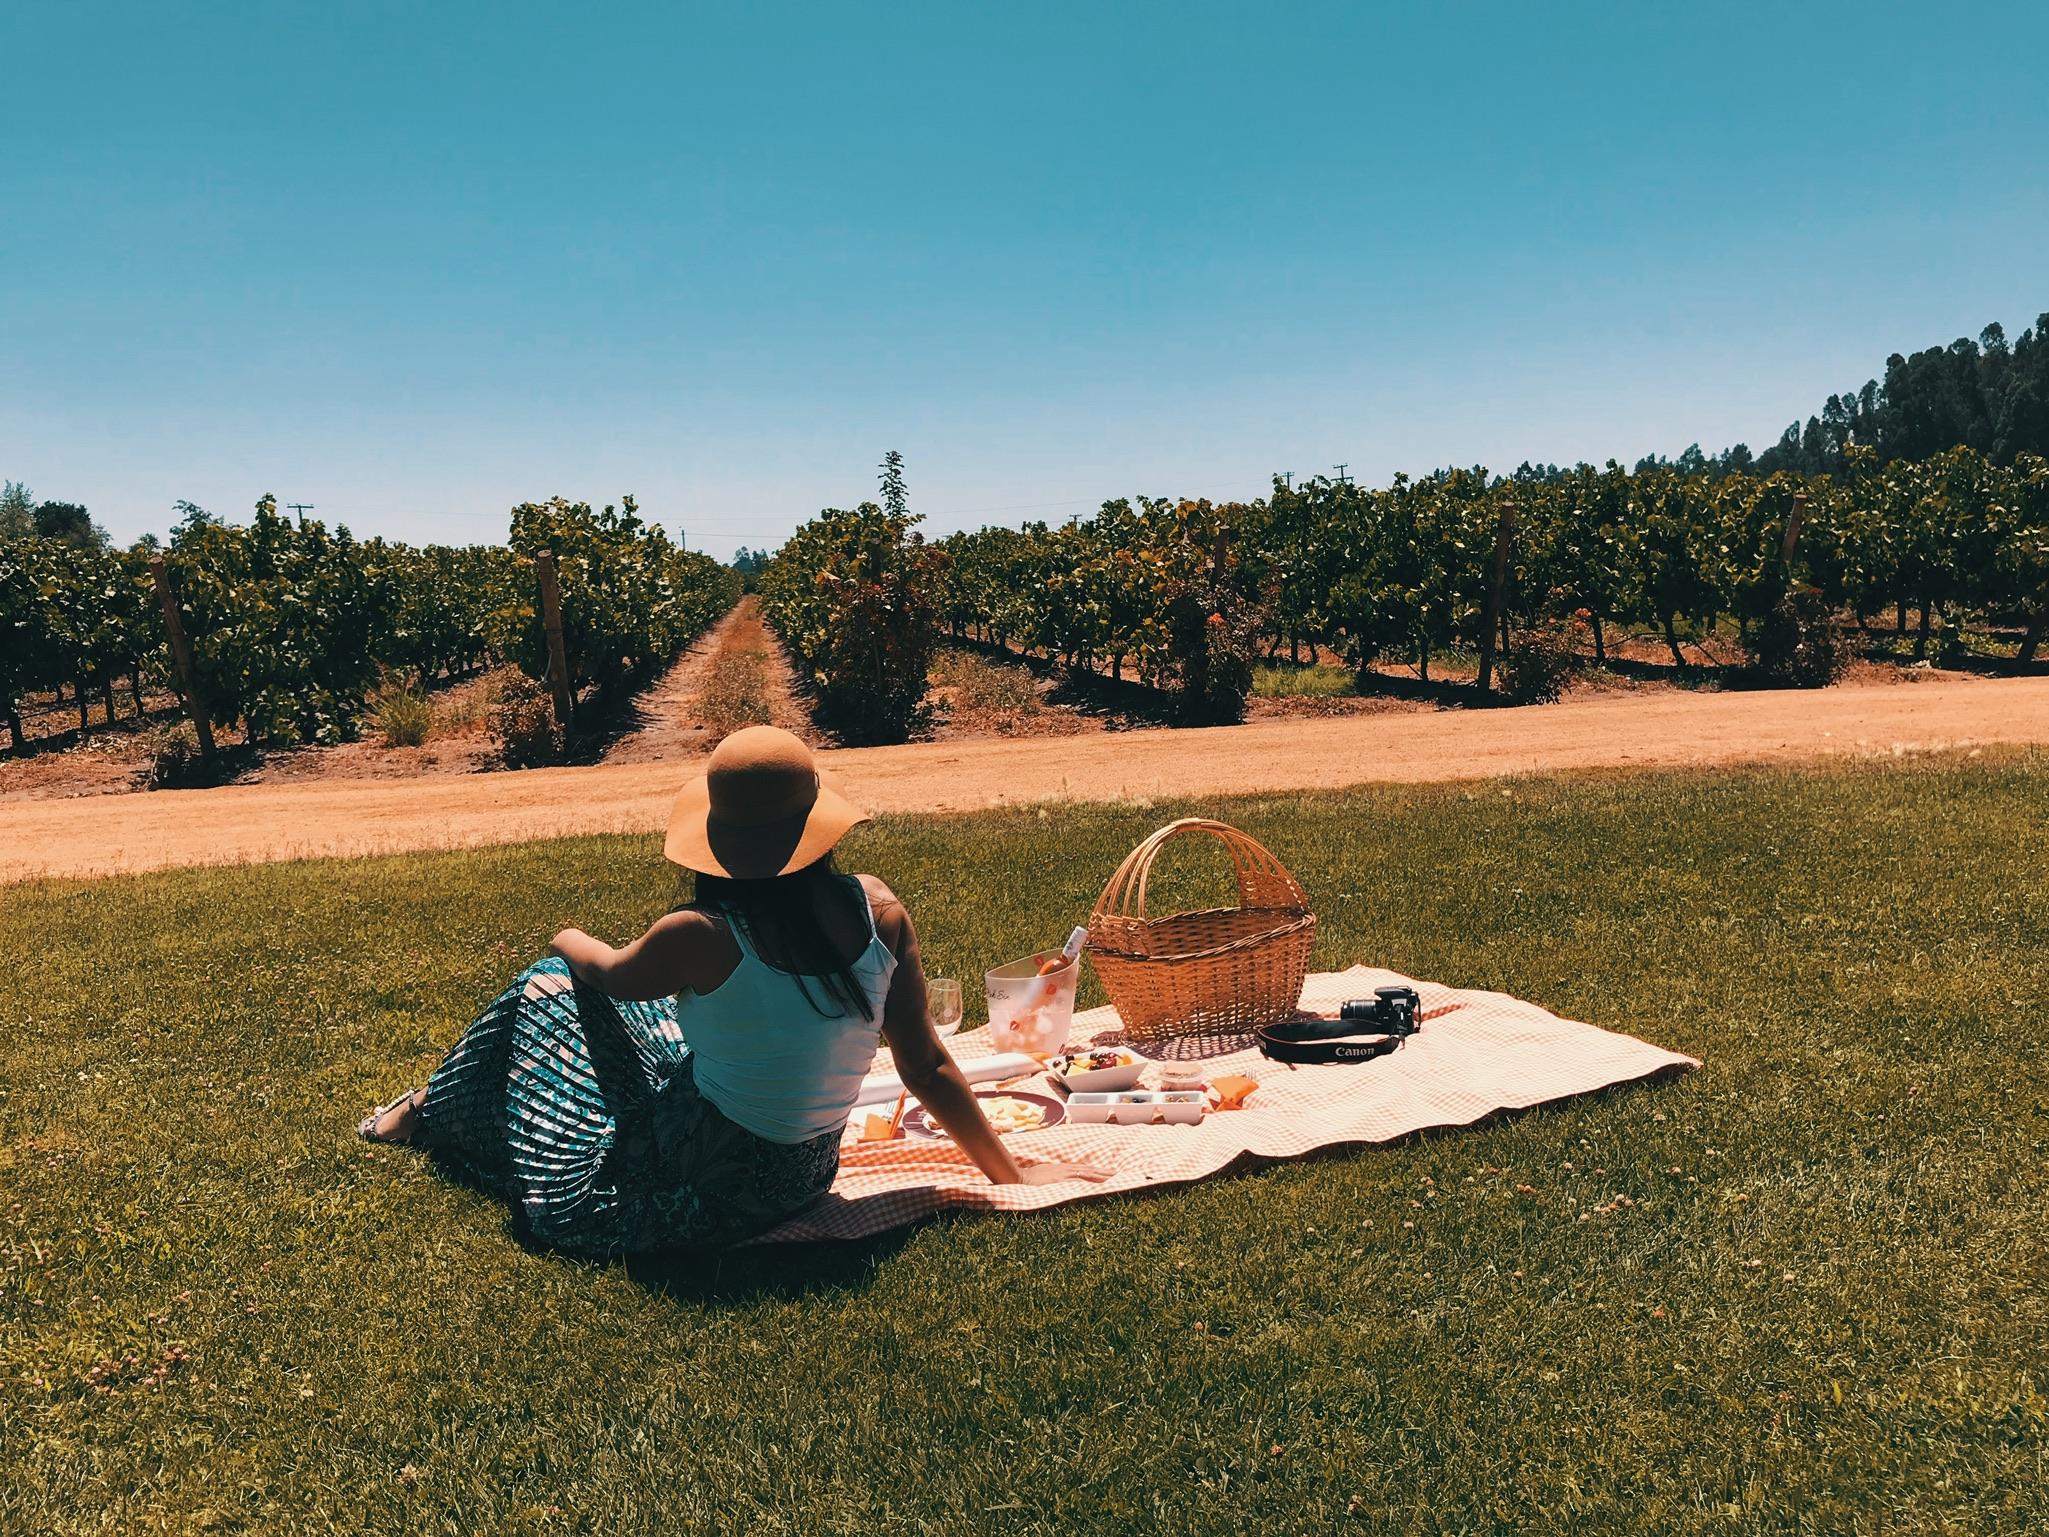 vina_mont_grass_picnic